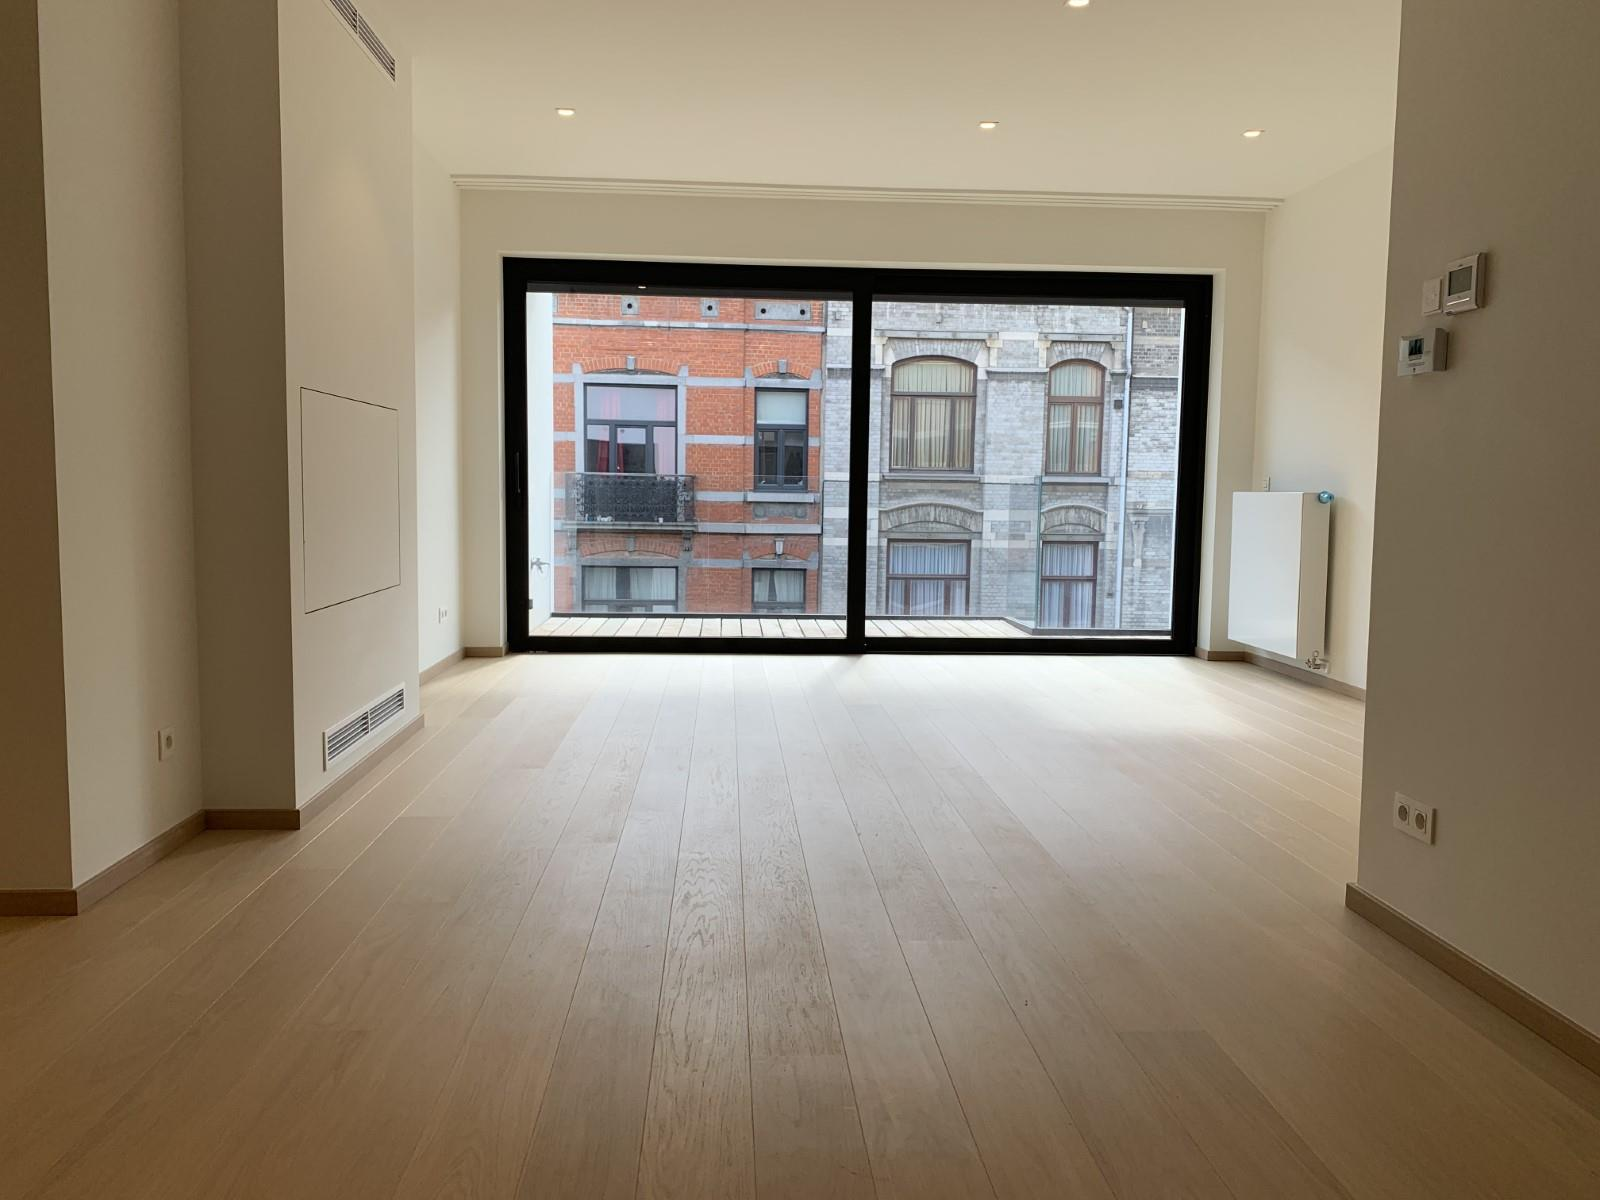 Appartement exceptionnel - Ixelles - #3929616-5